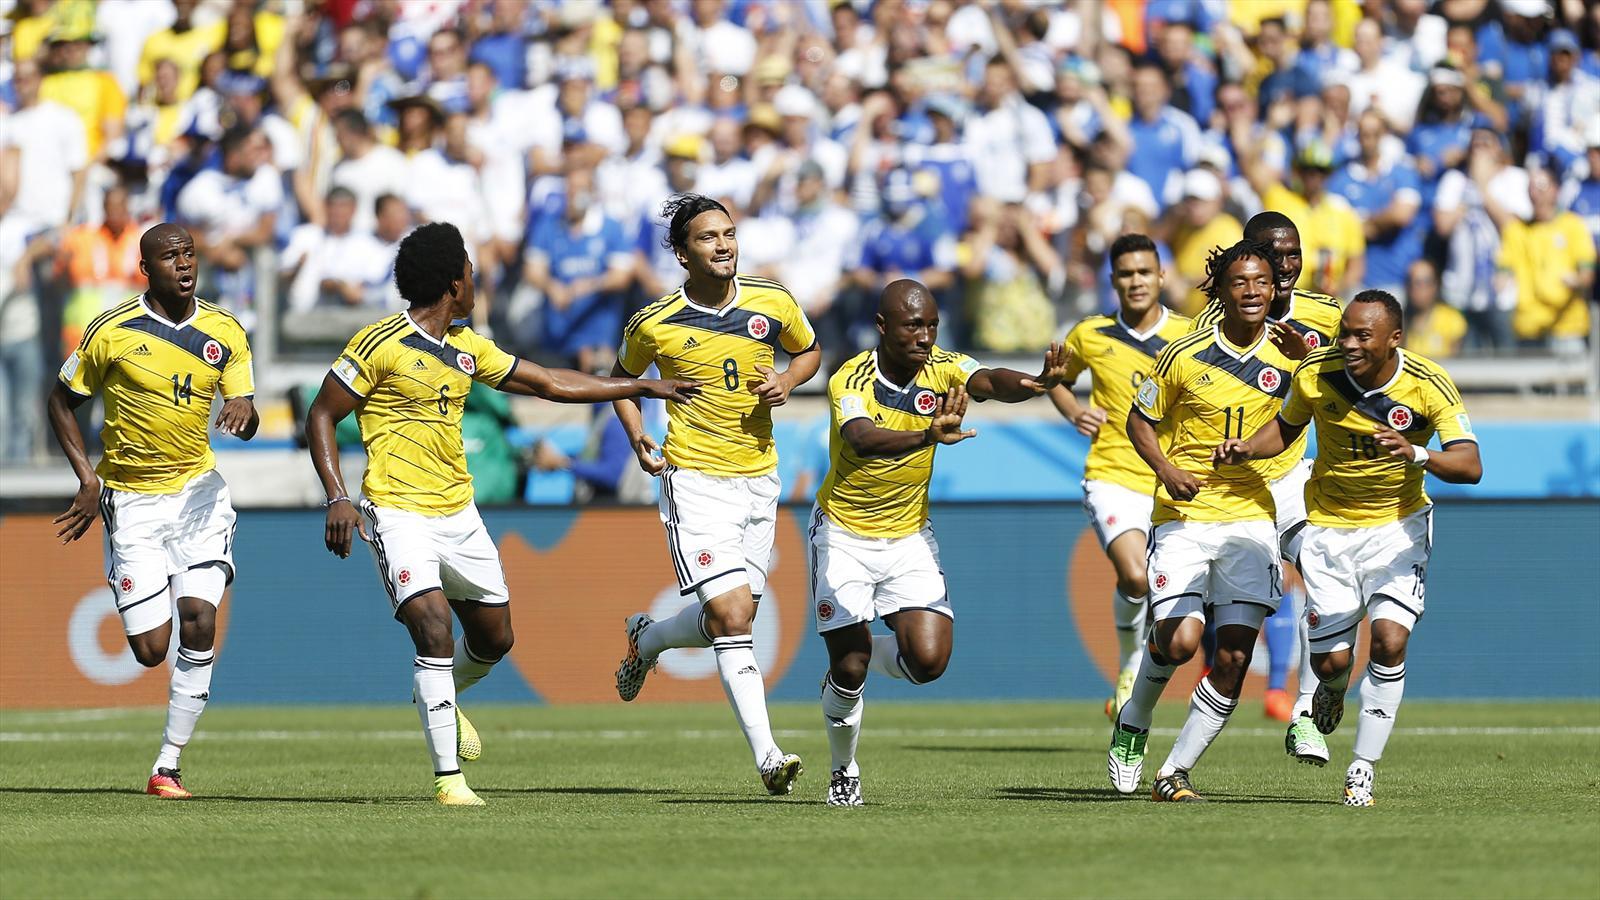 Live colombie gr ce phase de groupe coupe du monde 2014 football eurosport live score - Groupes coupe du monde 2014 ...